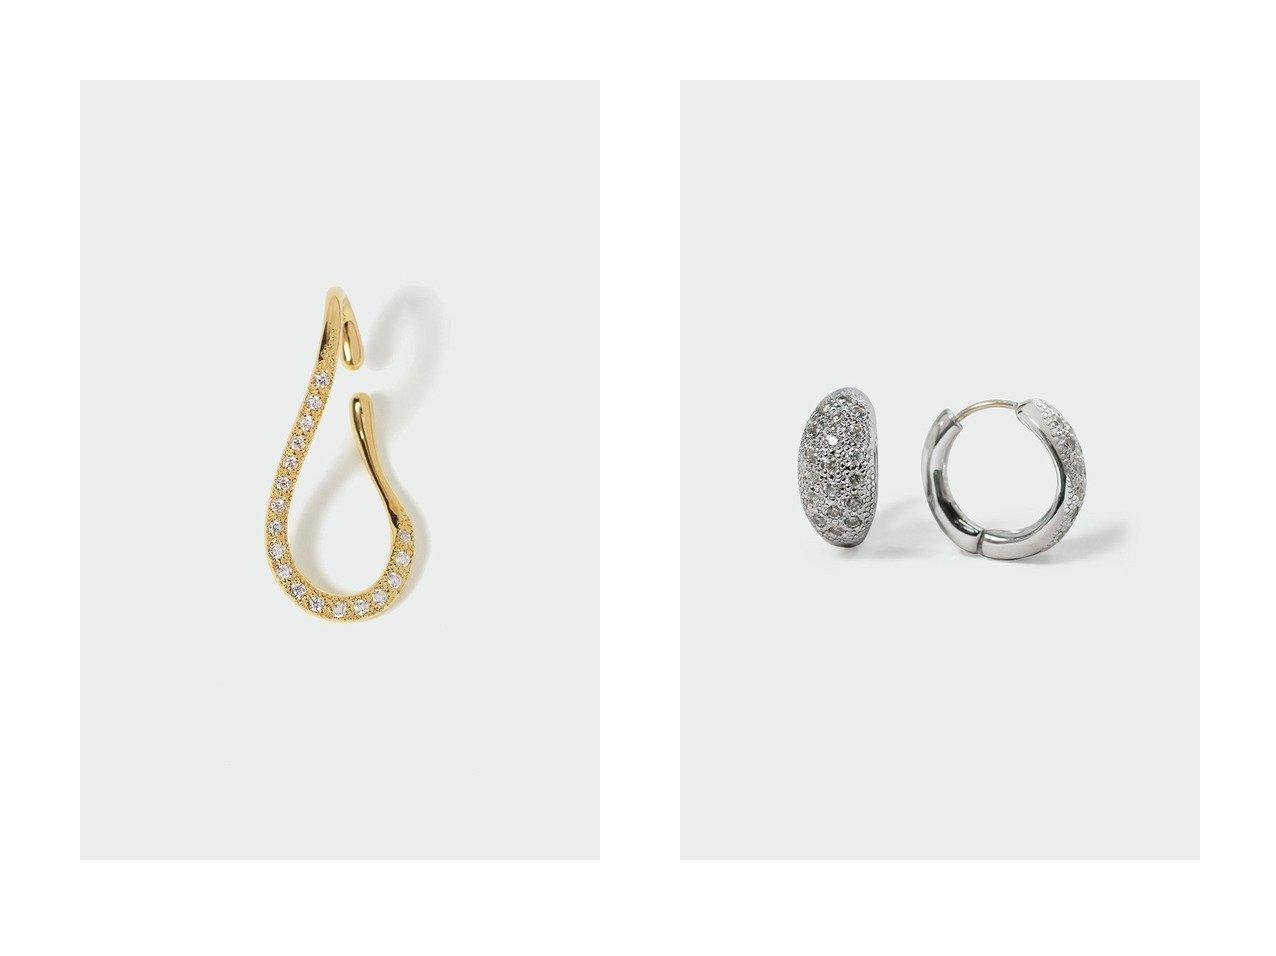 【AYAMI jewelry/アヤミ ジュエリー】のWavy Oval イヤーカフ(片耳用)&Marquise Pave ピアス 【アクセサリー・ジュエリー】おすすめ!人気、トレンド・レディースファッションの通販 おすすめで人気の流行・トレンド、ファッションの通販商品 インテリア・家具・メンズファッション・キッズファッション・レディースファッション・服の通販 founy(ファニー) https://founy.com/ ファッション Fashion レディースファッション WOMEN ジュエリー Jewelry リング Rings イヤリング Earrings おすすめ Recommend イヤリング イヤーカフ ドレス フープ ラグジュアリー 再入荷 Restock/Back in Stock/Re Arrival 片耳 フォルム  ID:crp329100000072210